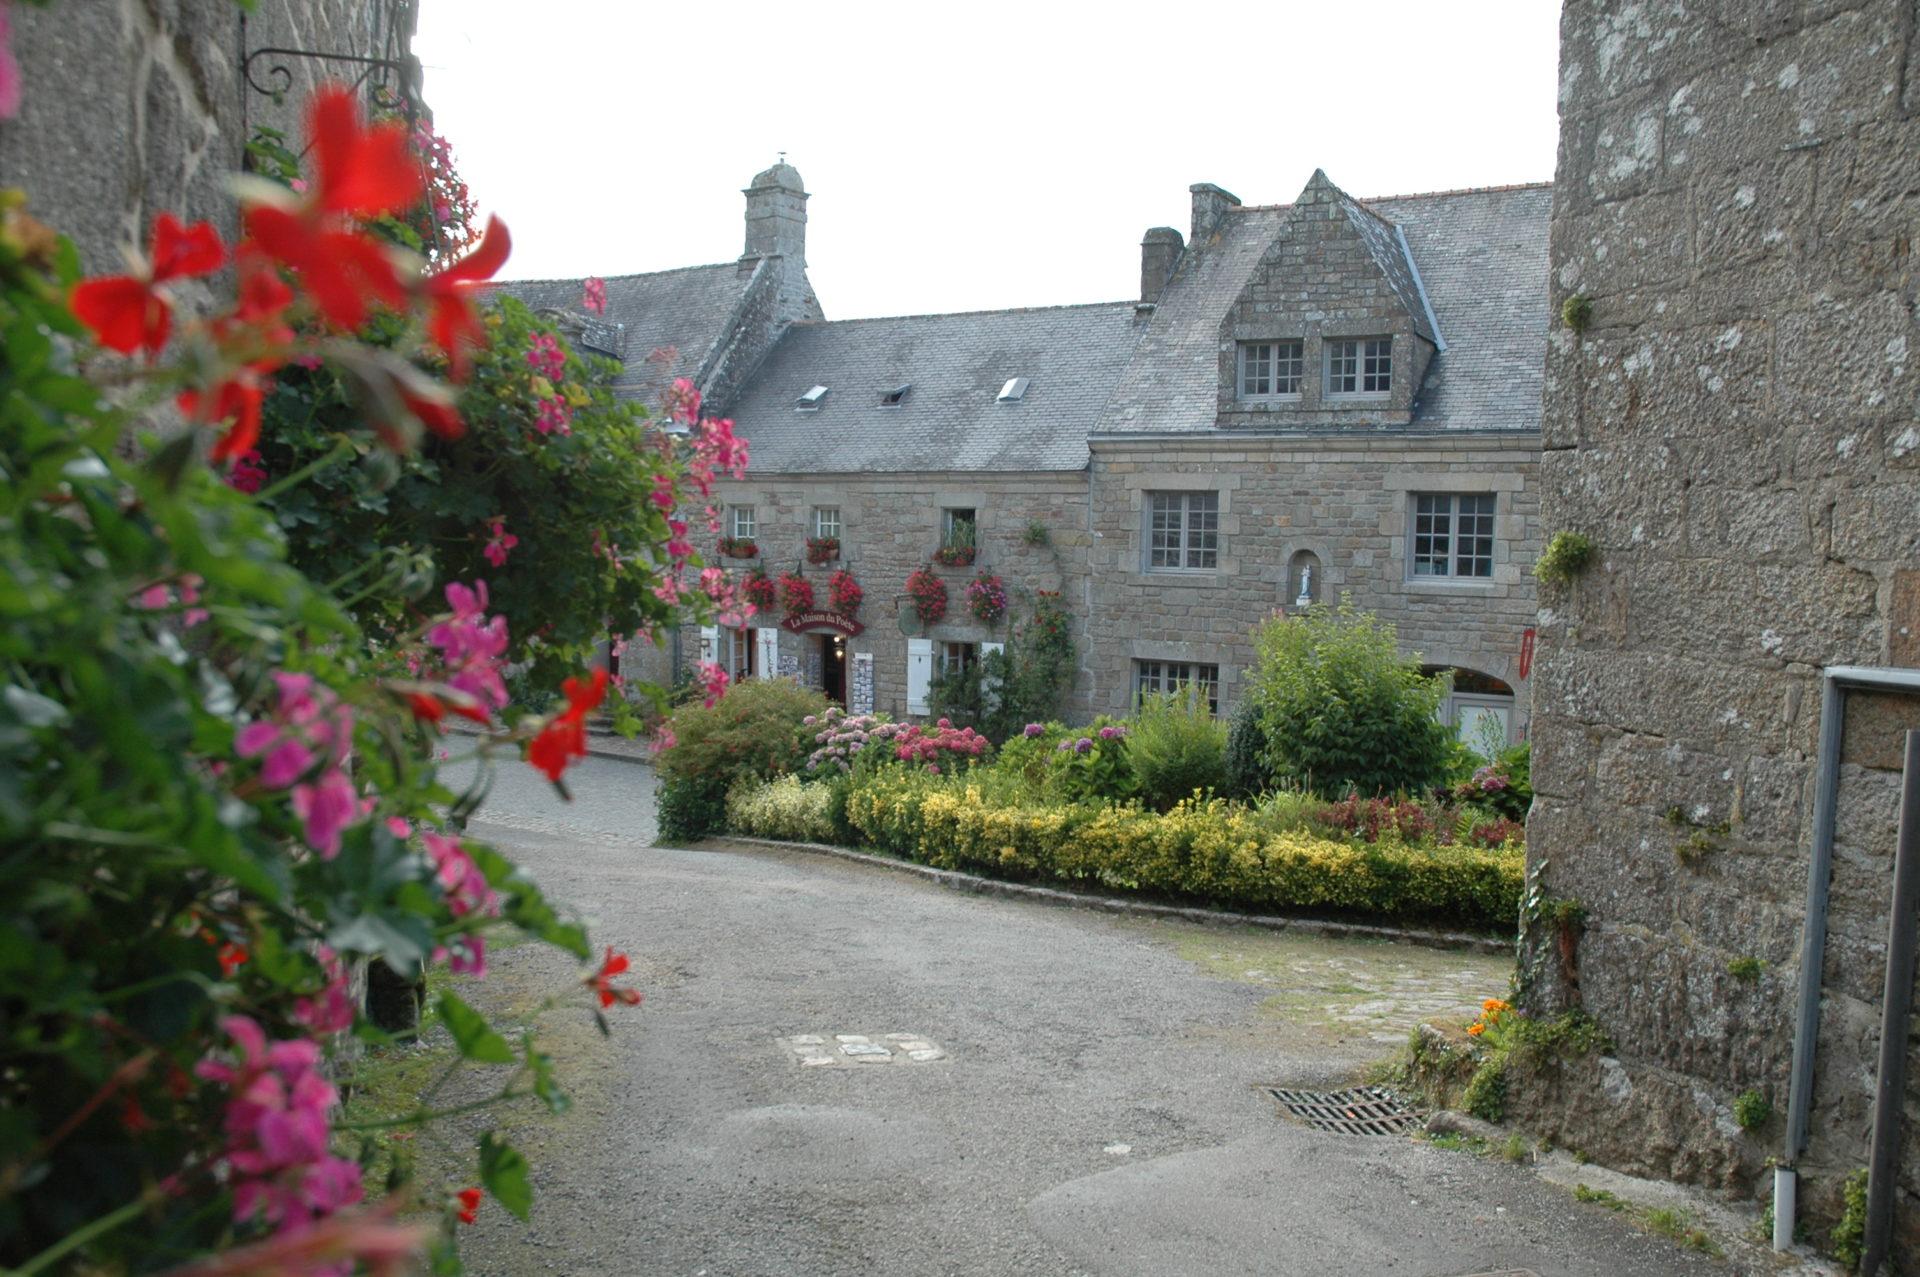 finestre fiori locronan villaggio francia